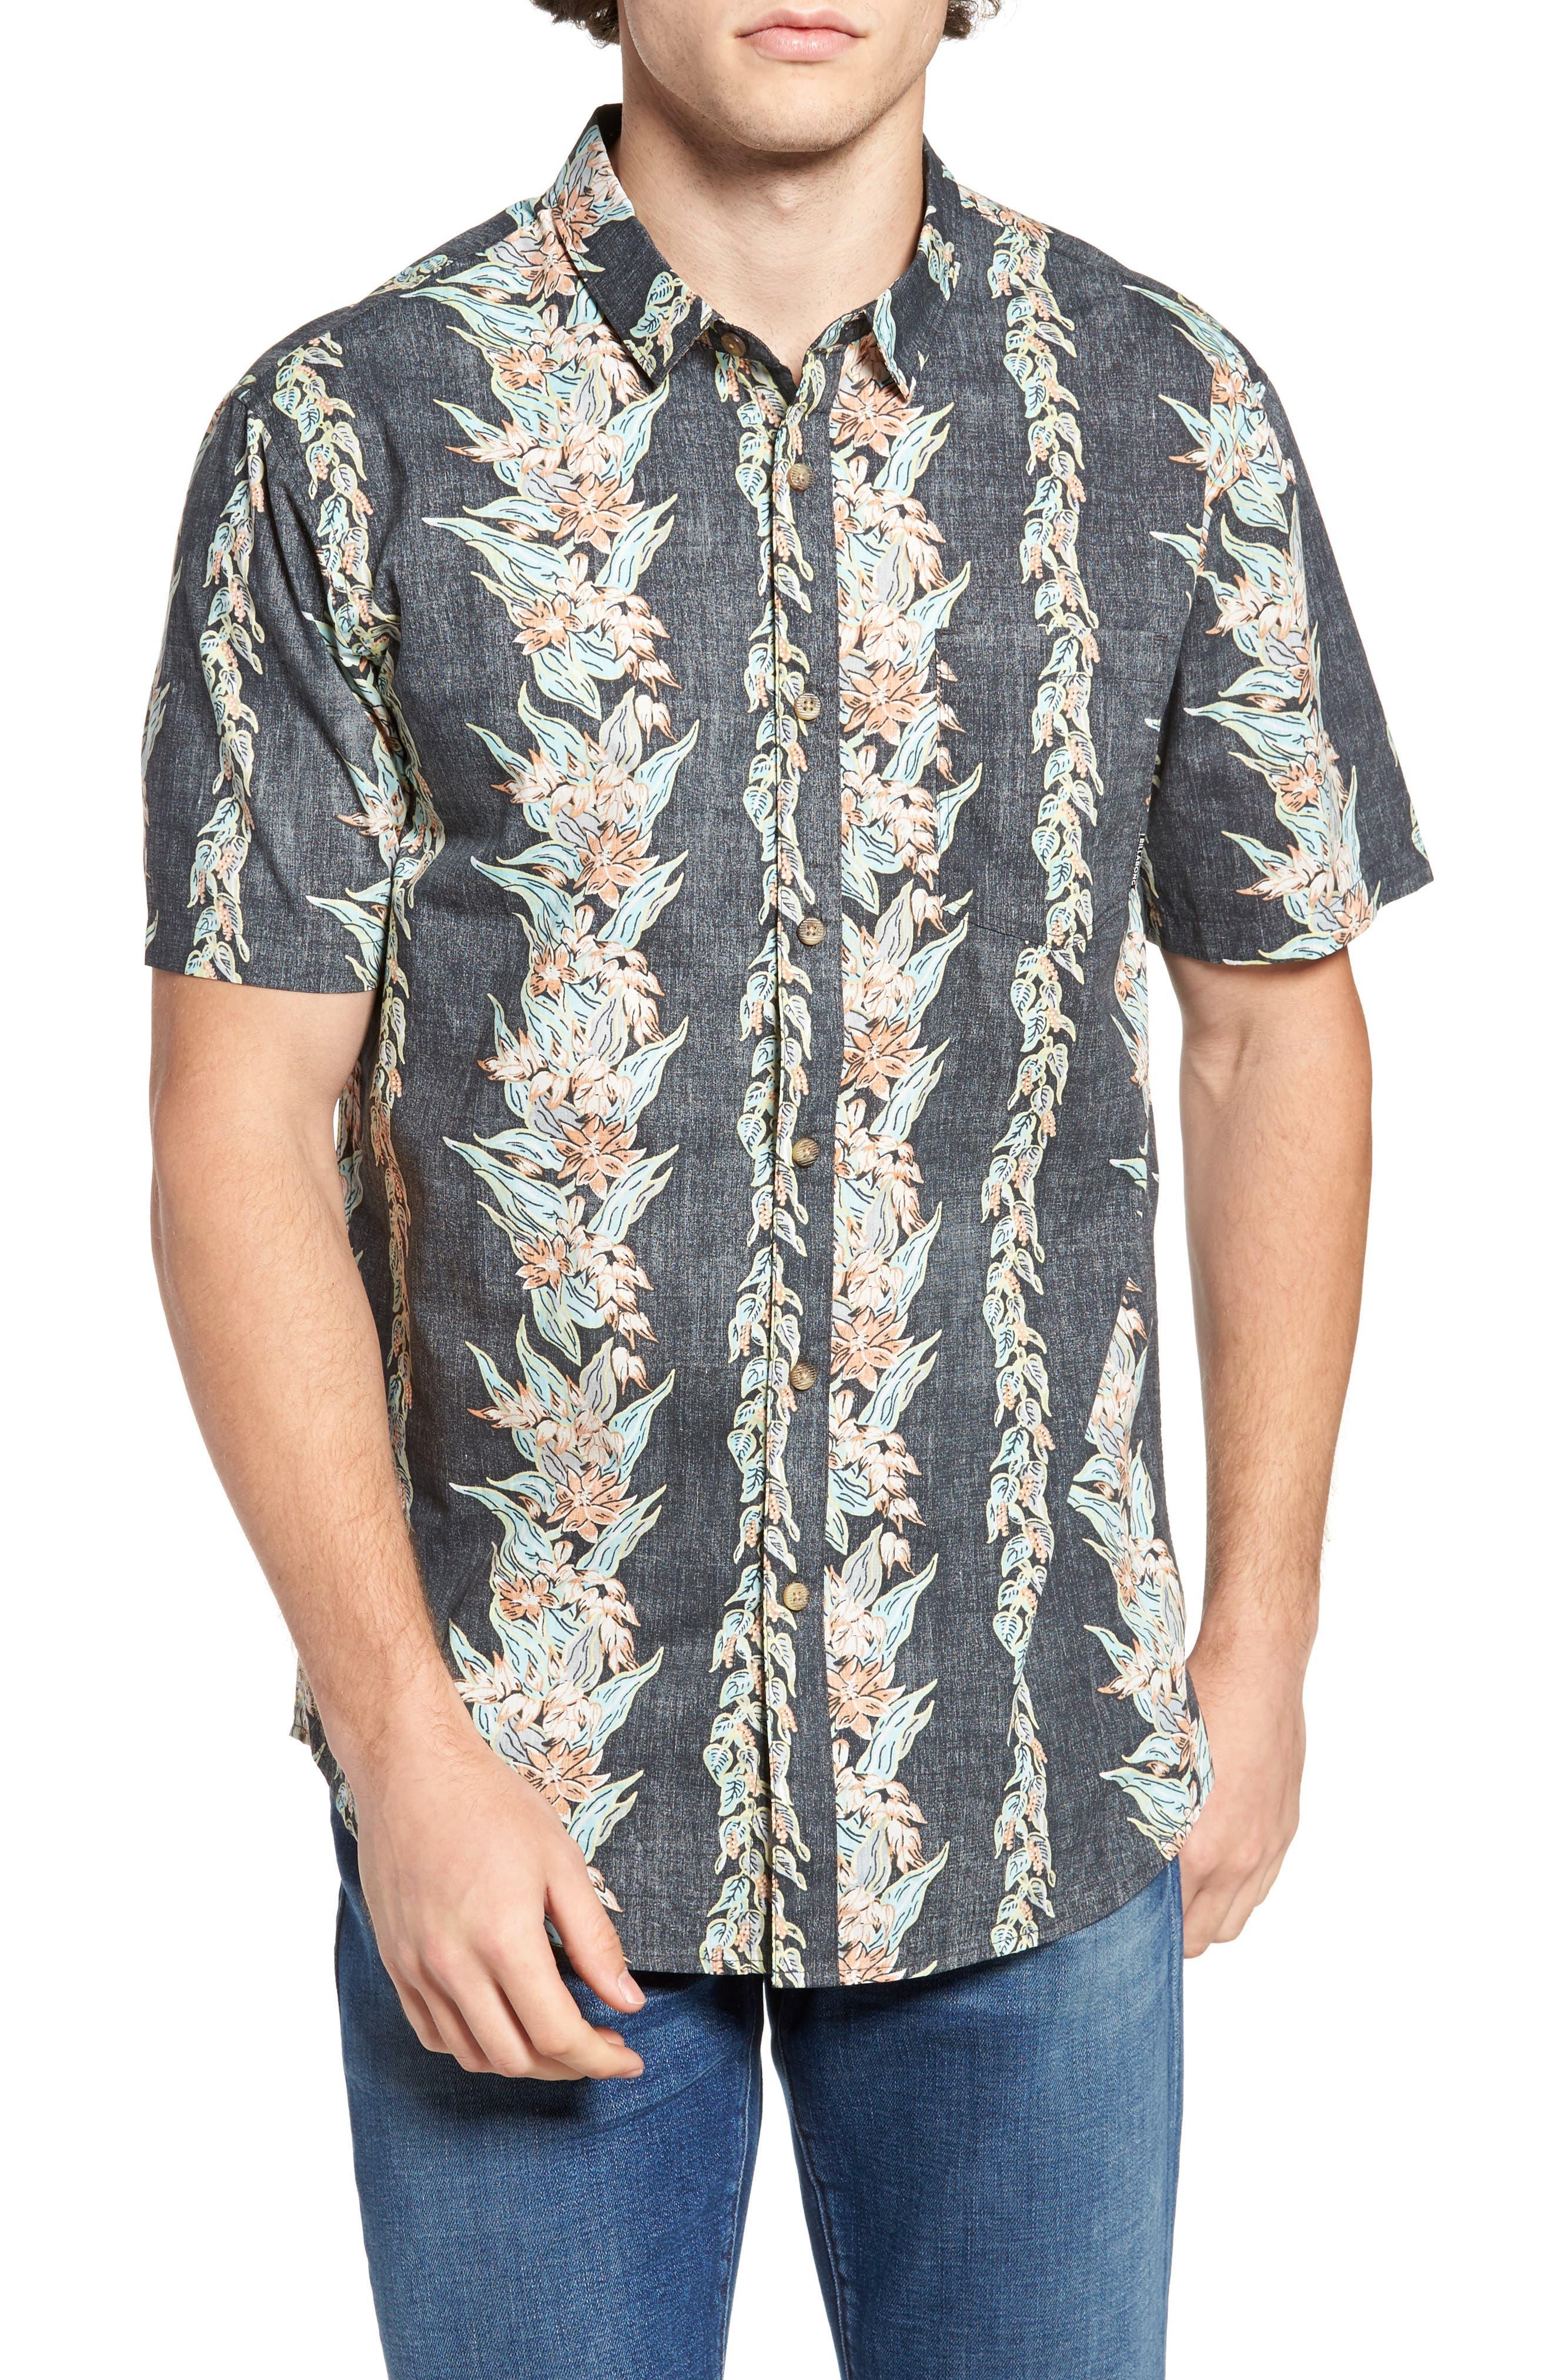 Billabong Sundays Floral Woven Shirt